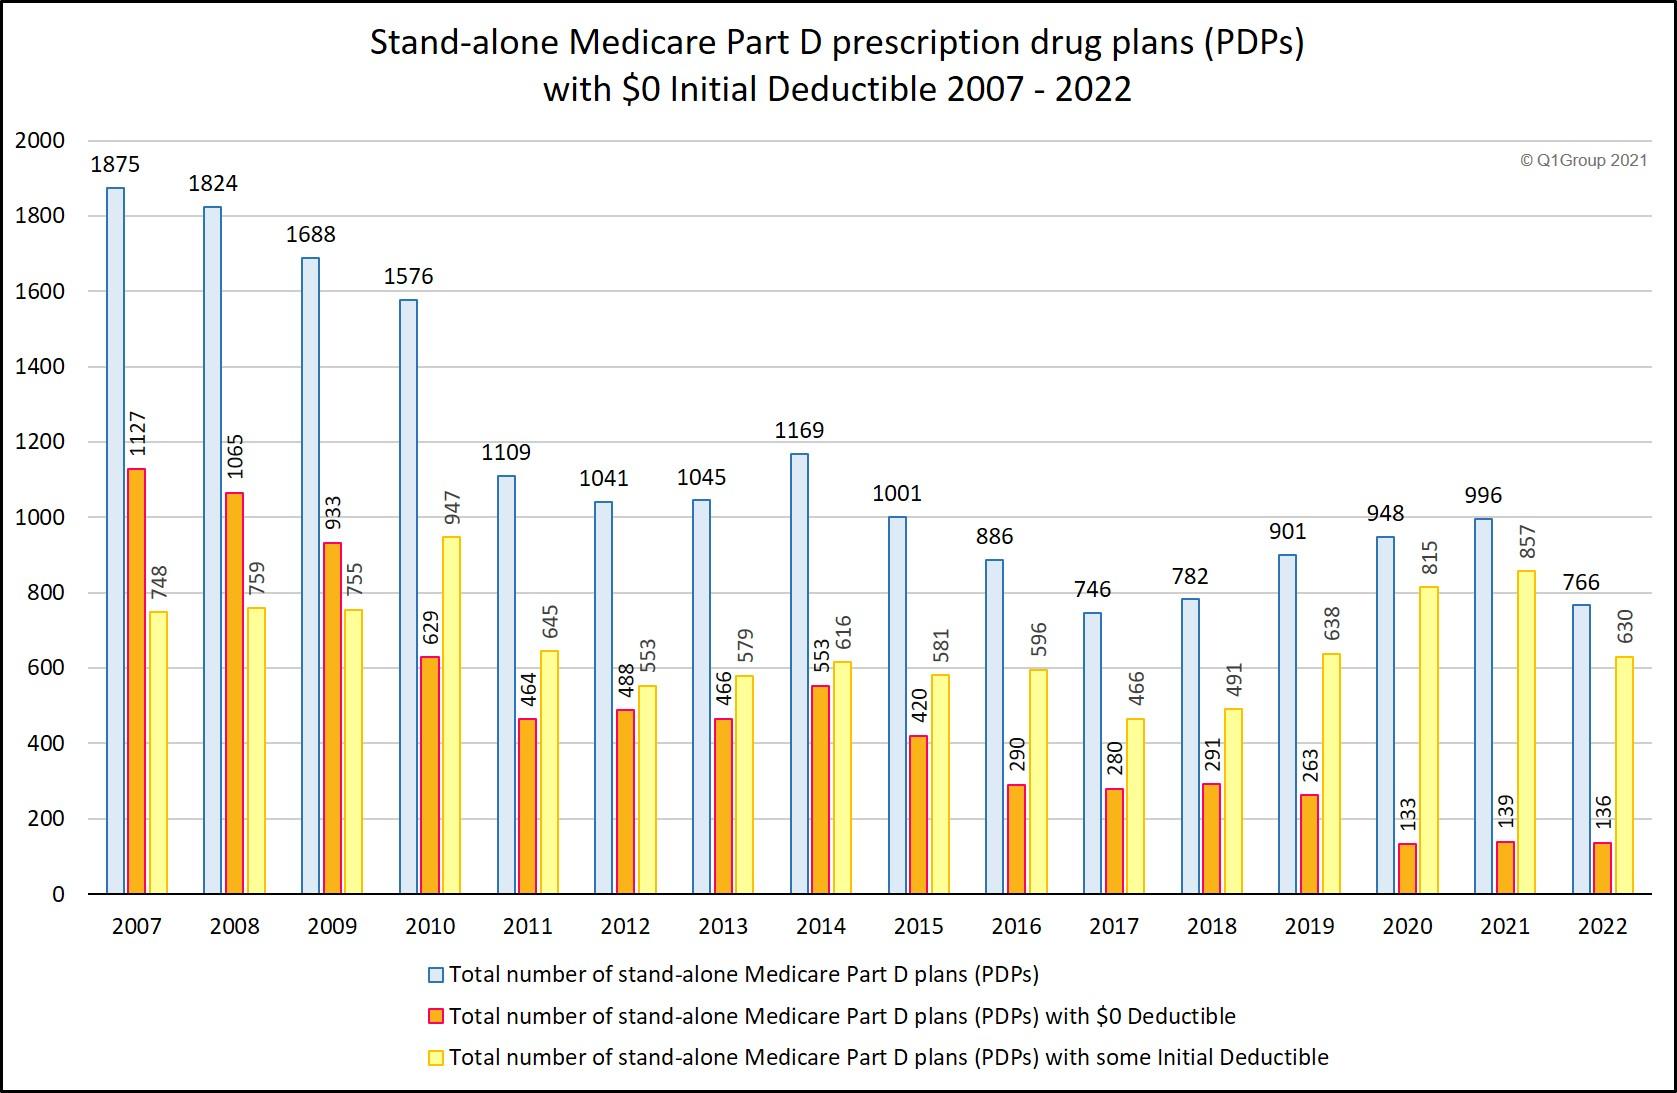 Medicare Part D plans with a deductible